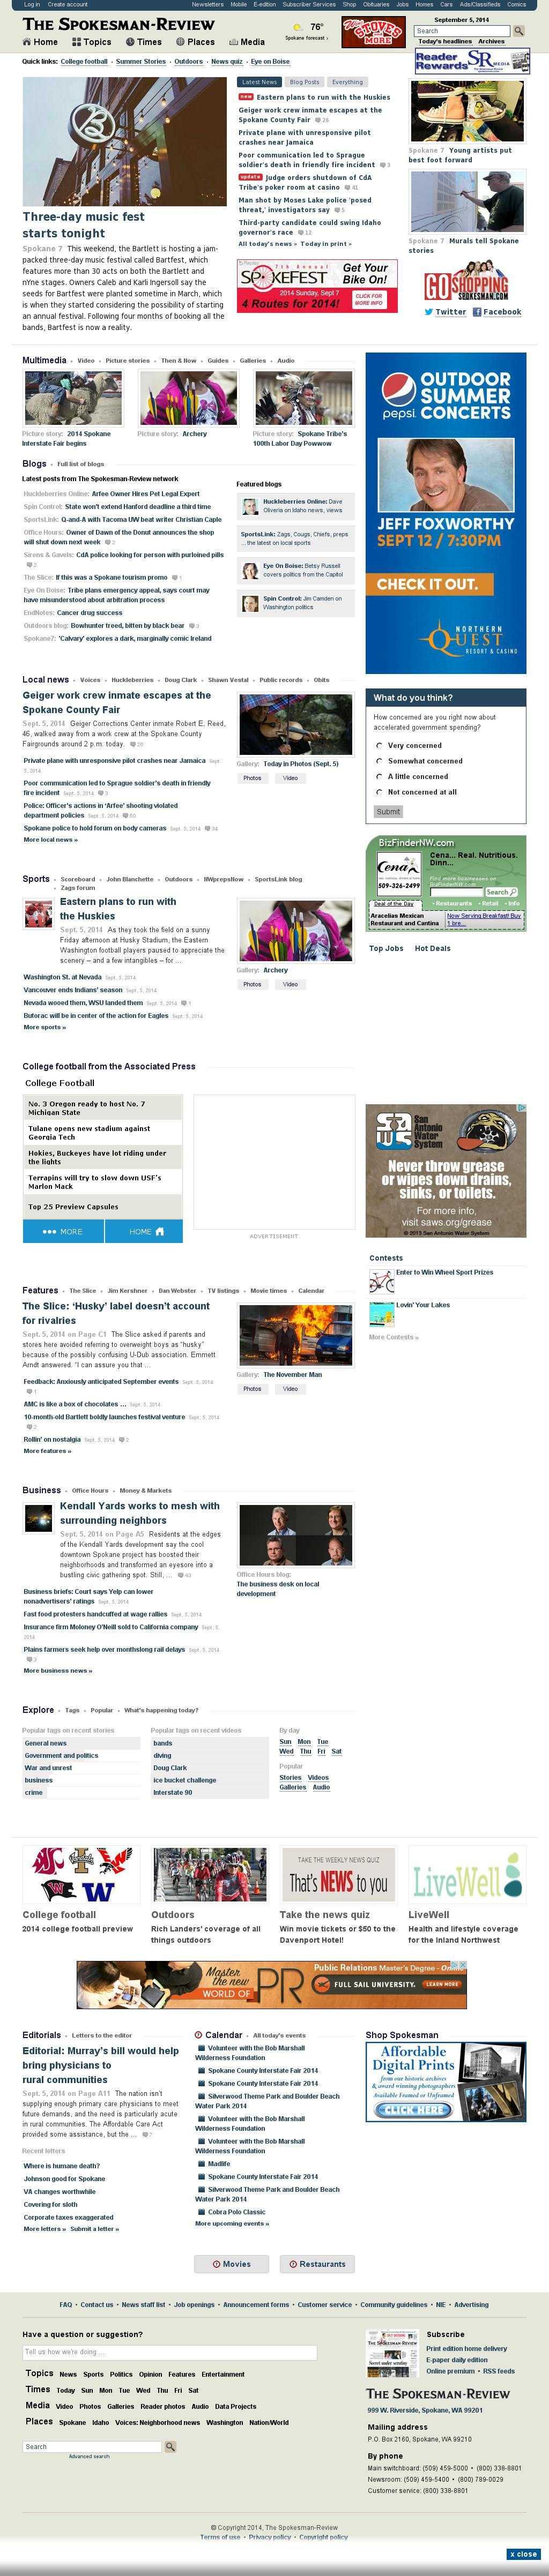 The (Spokane) Spokesman-Review at Saturday Sept. 6, 2014, 2:20 a.m. UTC